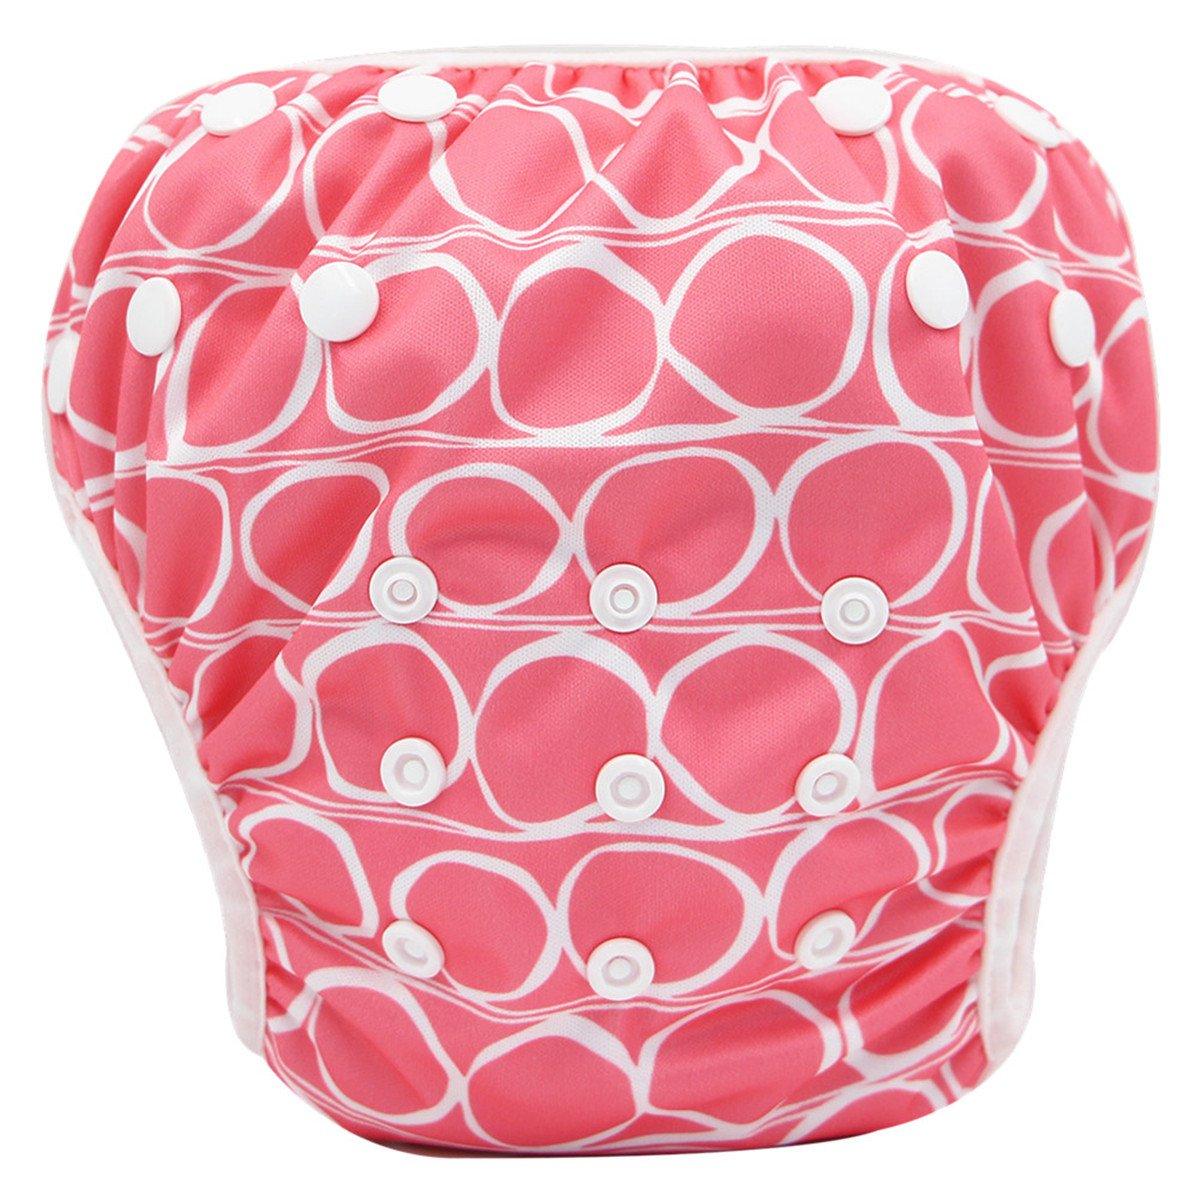 Storeofbaby Pañales de bebé para niñas traje de baño reutilizable ajustable para niñas 0 3 años Swimpant_18_NEW_EU